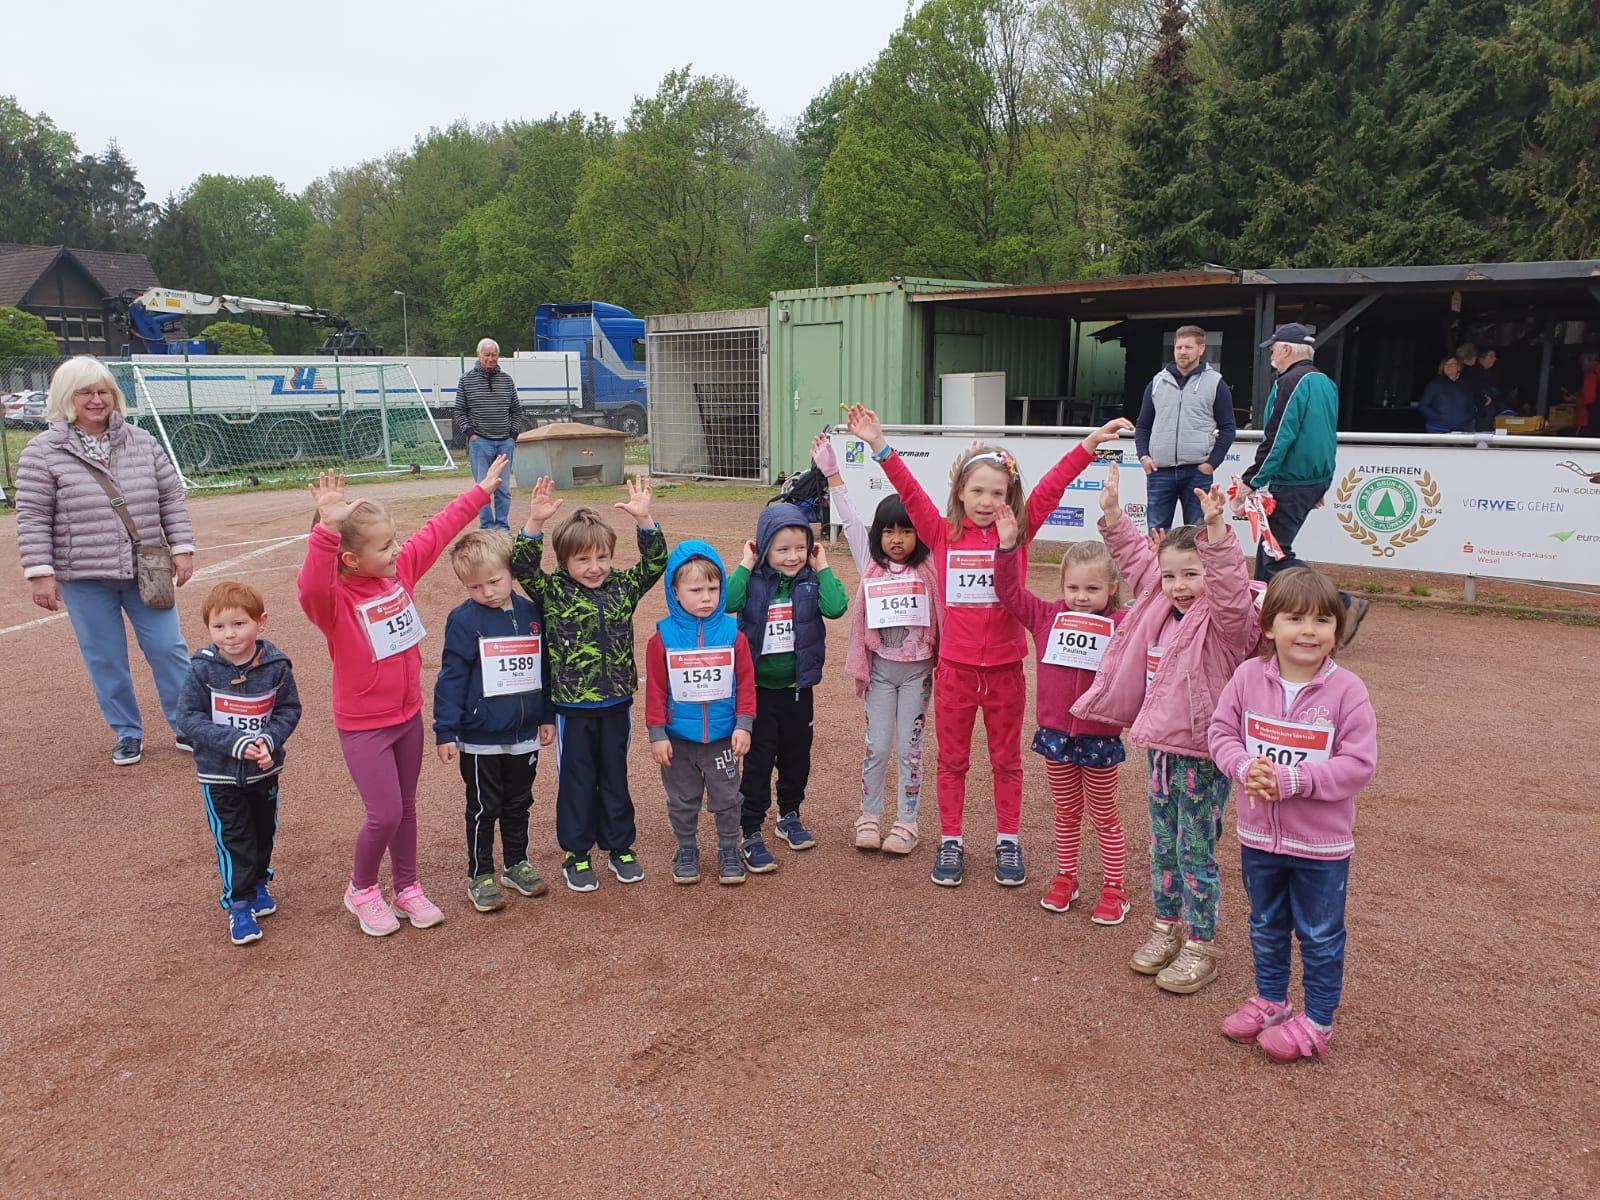 Leichtathletik: Bambinilauf beim Flürener HM